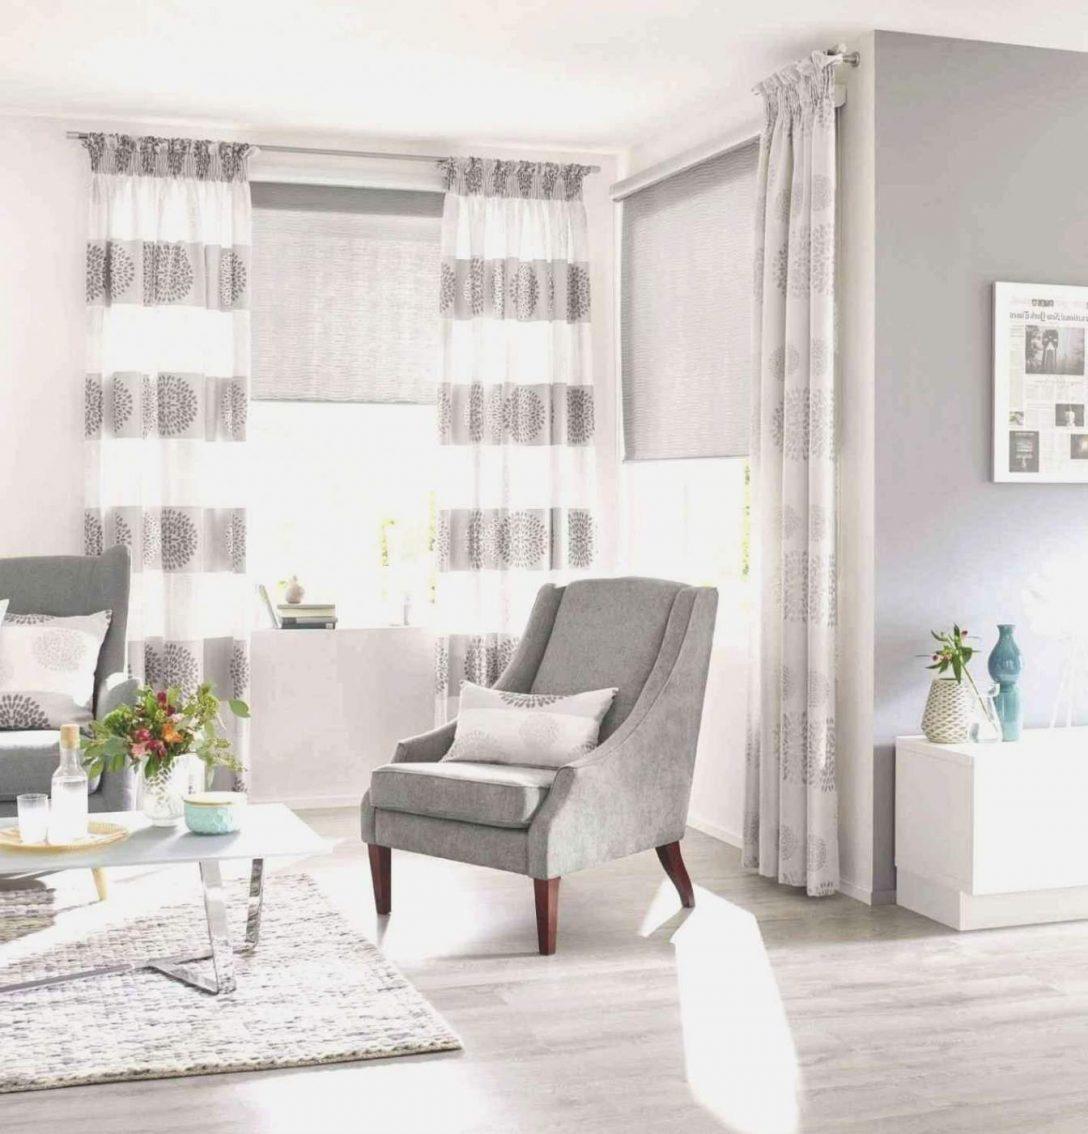 Large Size of Gardinenschals Wohnzimmer Luxus 31 Inspirierend Vorhang Wohnzimmer Genial Wohnzimmer Vorhang Wohnzimmer